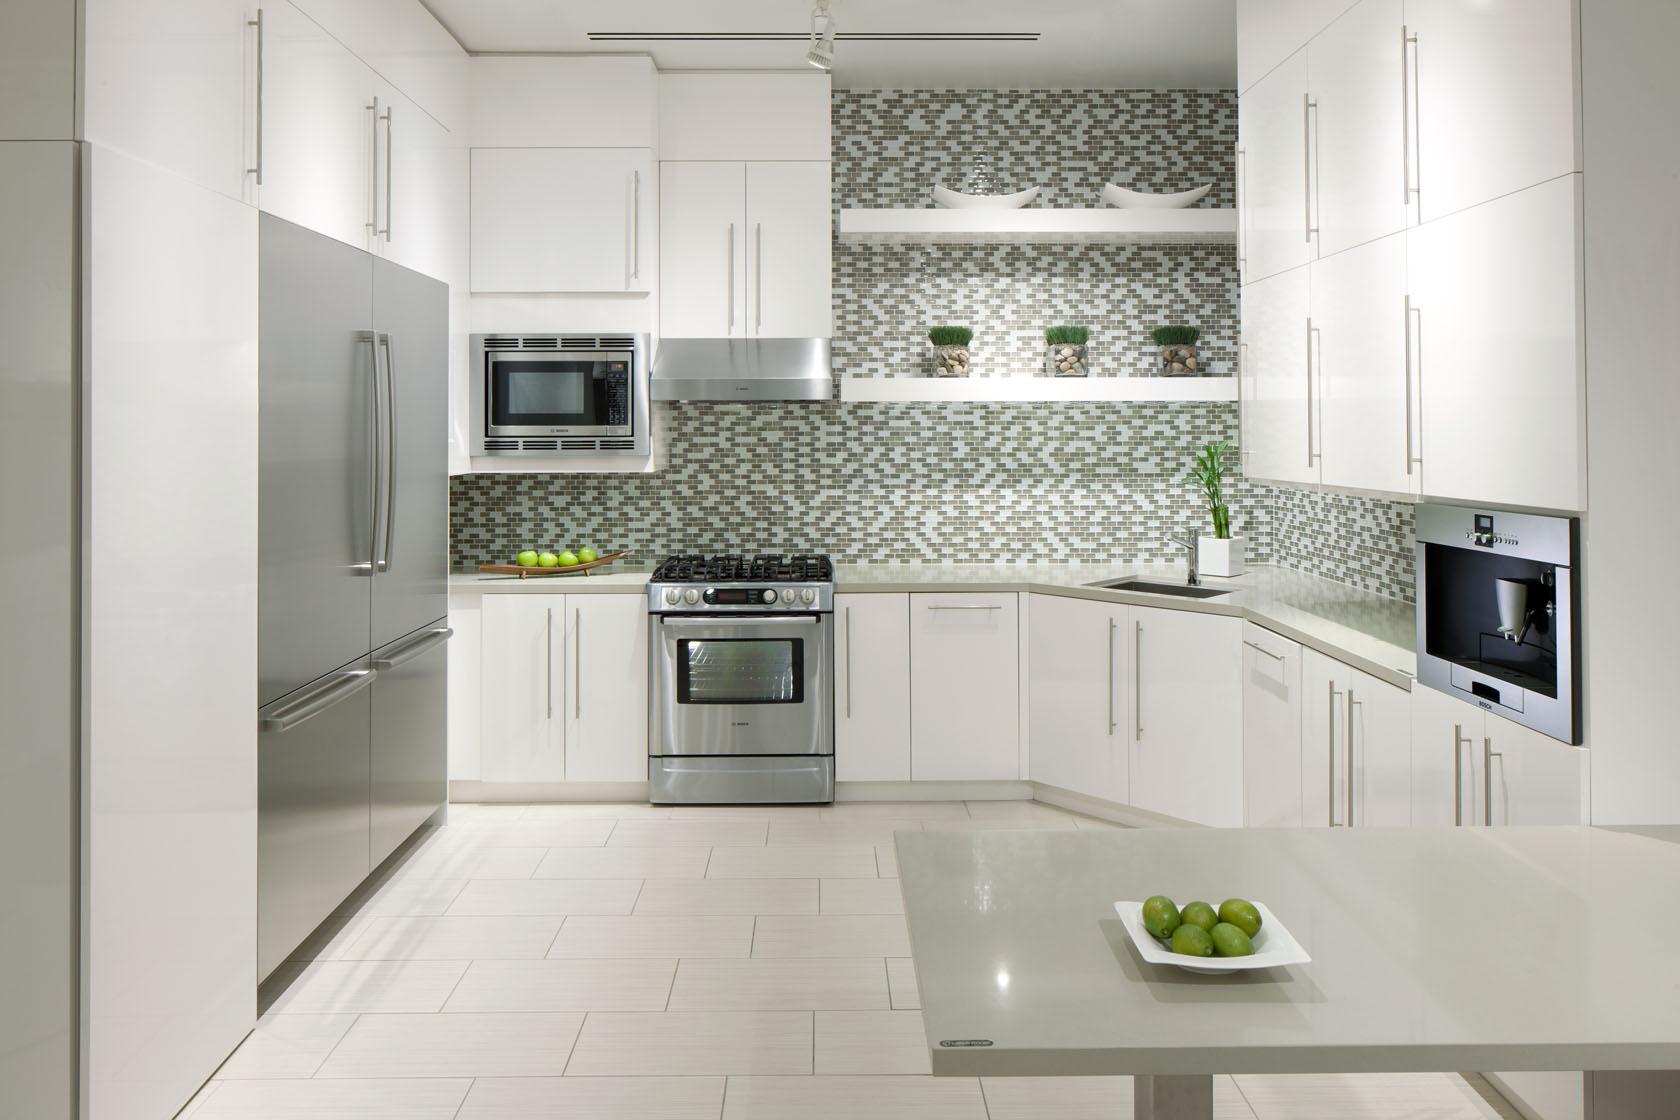 Live Luxury Appliance Workshop J 39 Decors